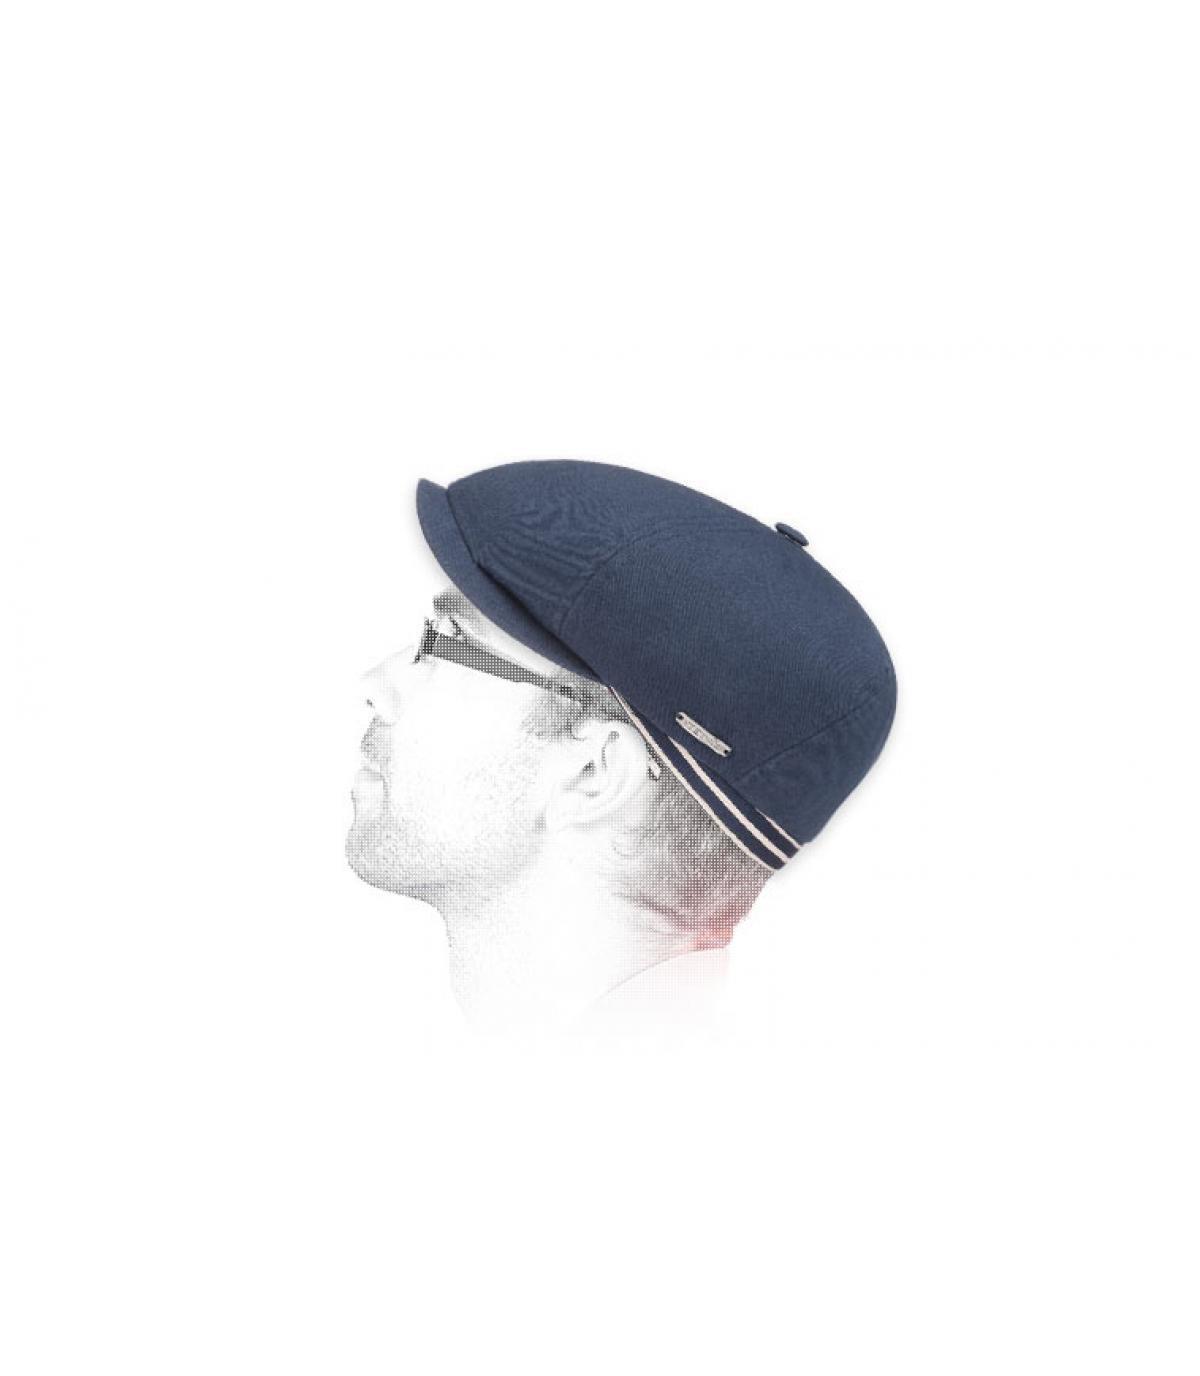 Zeitungsjungen Cap marineblau Stetson